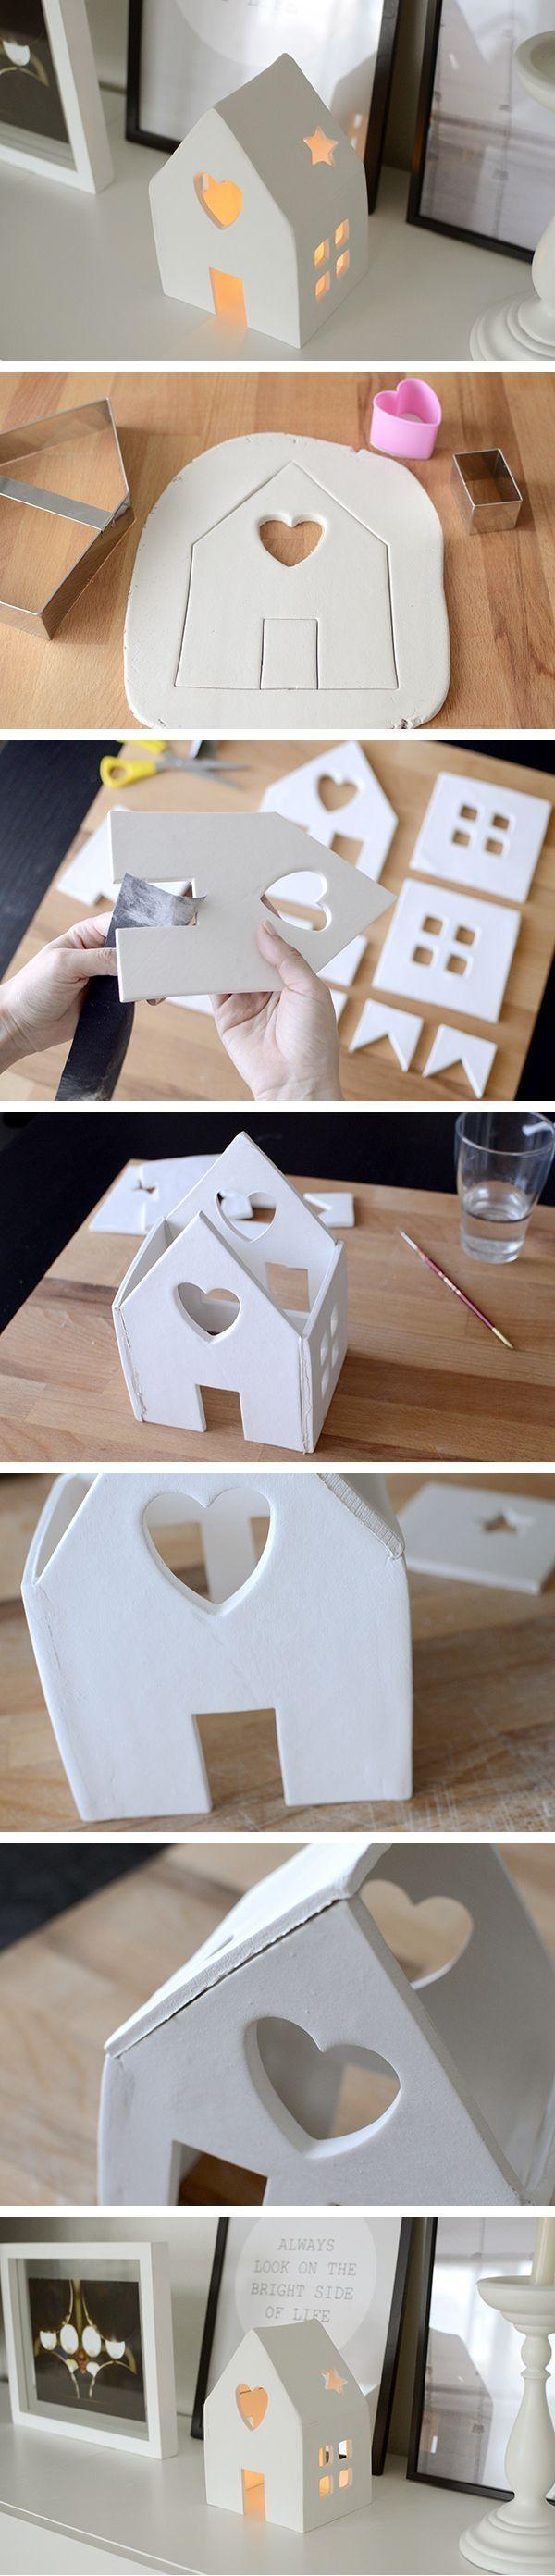 SO HÜBSCH! Ihre kleinen Häuser können 3D sein! Sie könnten sogar Ihre Drucke decoupieren